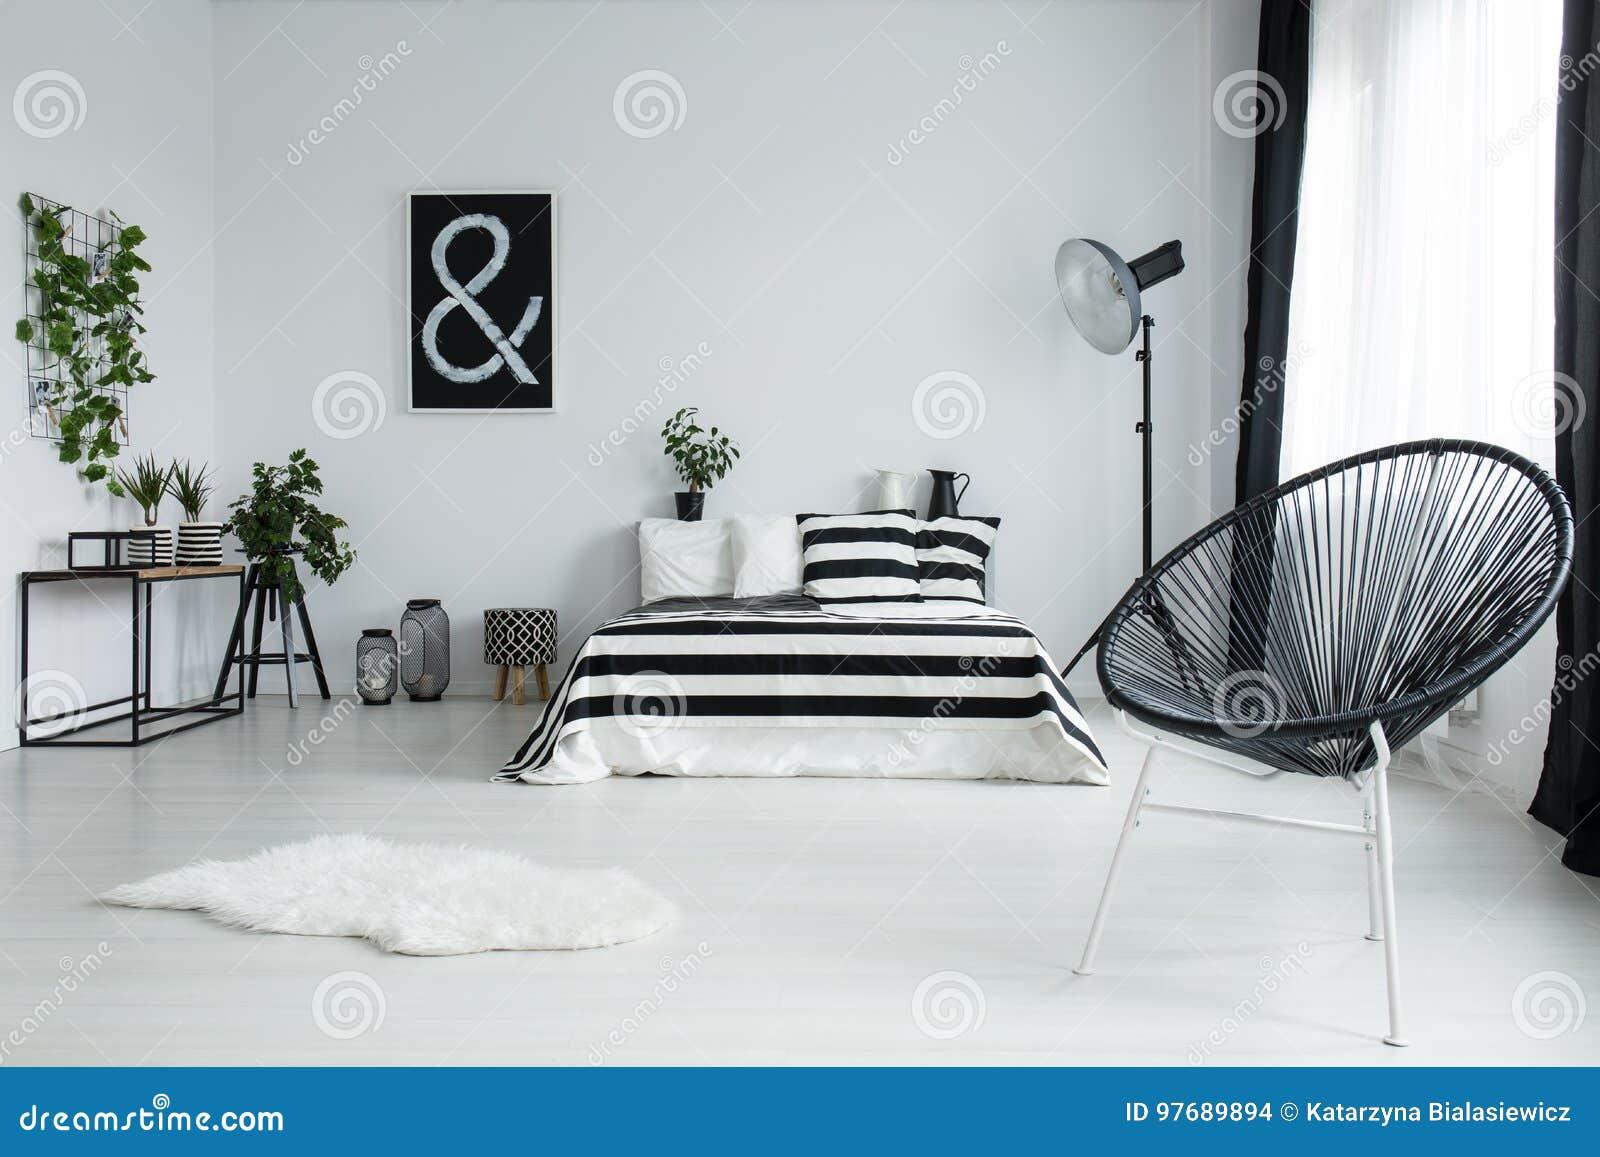 Entworfener Schwarzer Stuhl Im Modernen Schlafzimmer ...